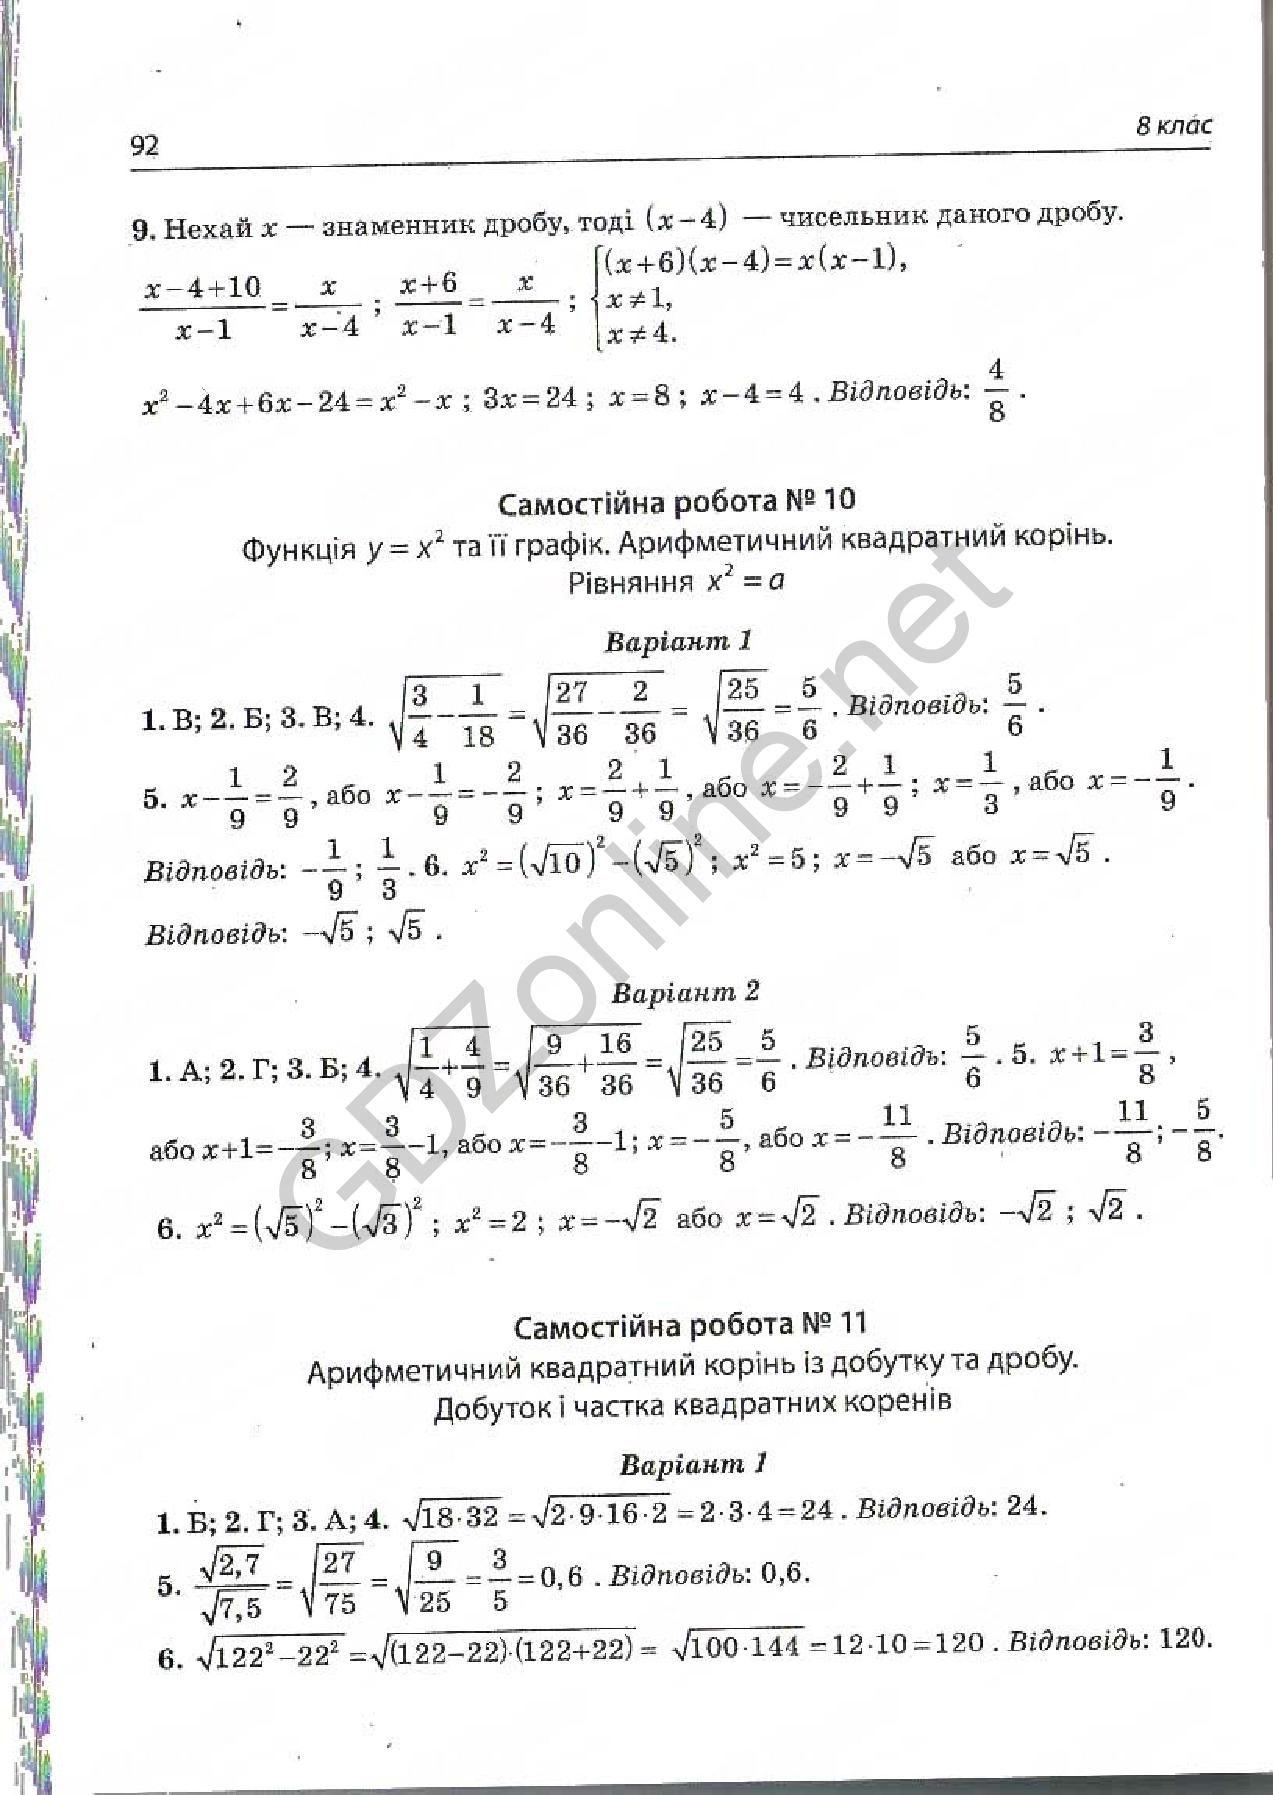 Контрольные работы по математике 2 класс школа 2100 скачать без регистрации бесплатно